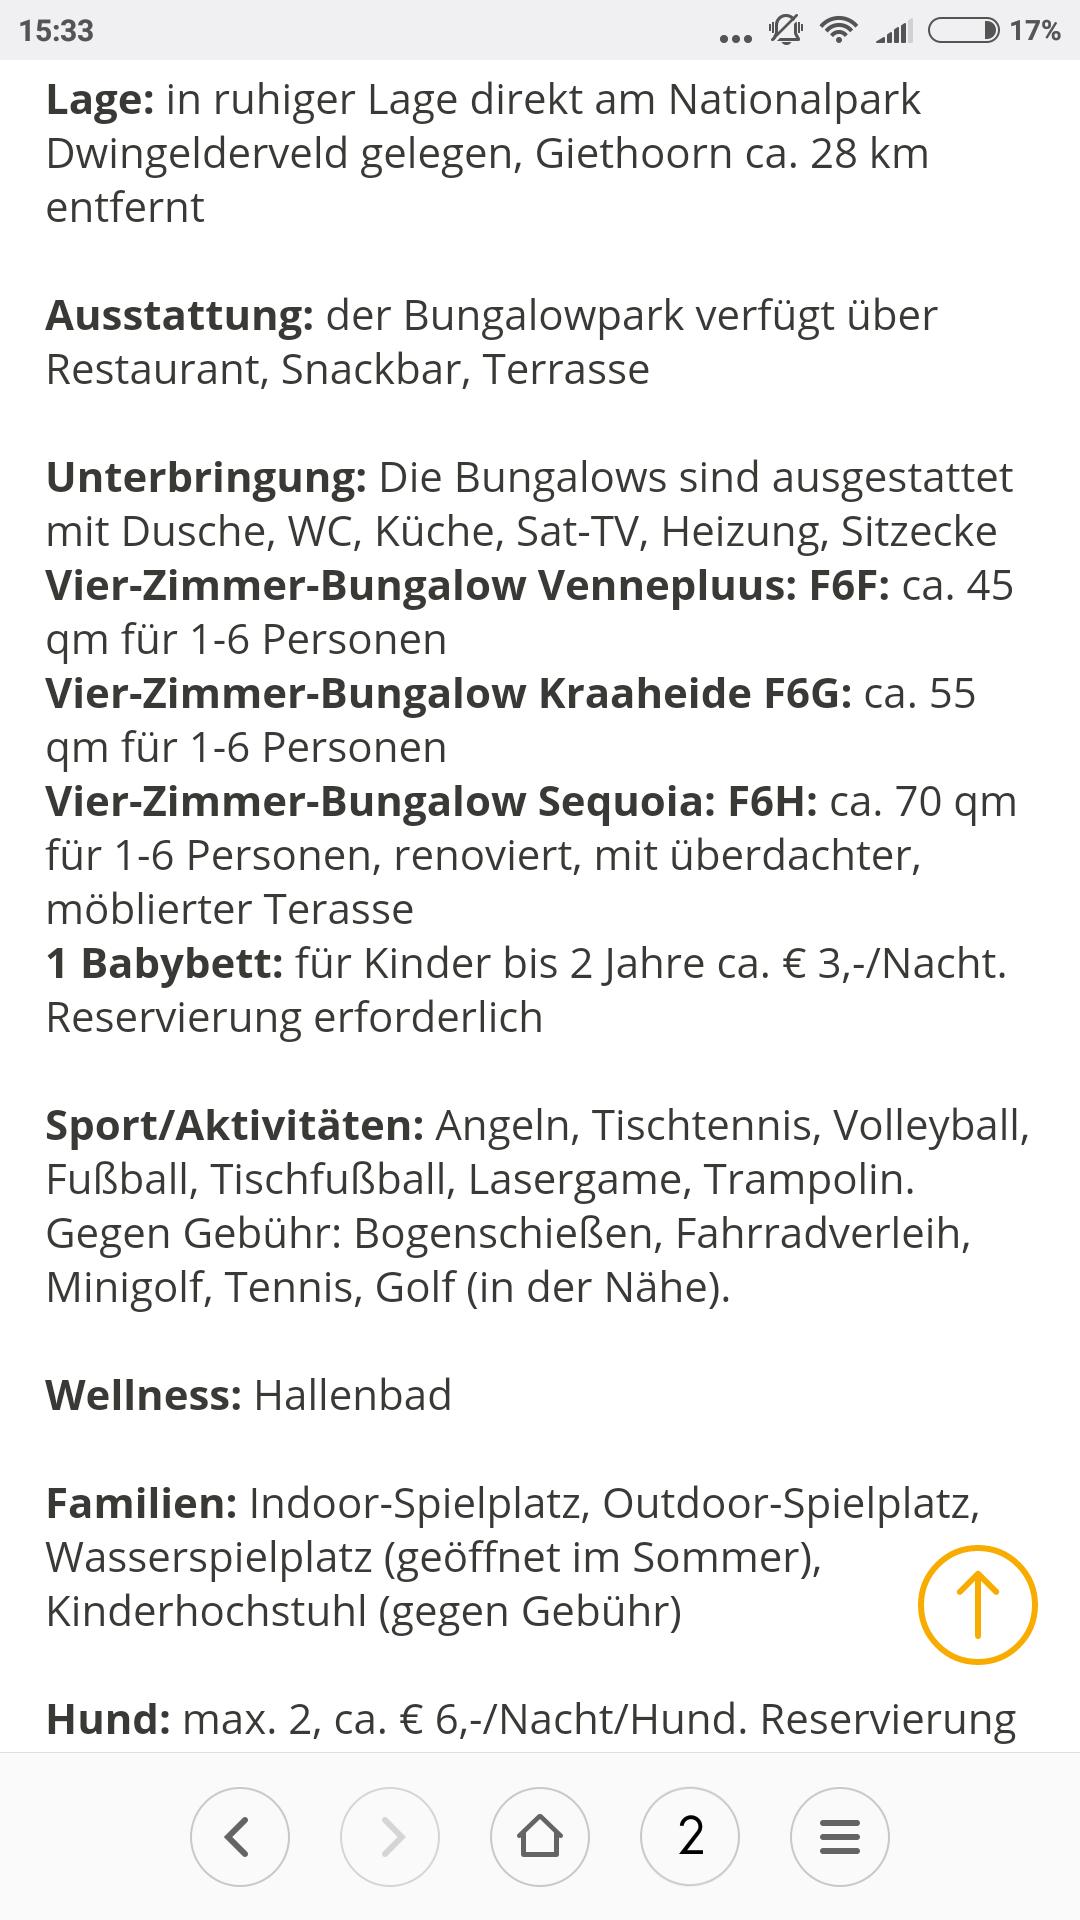 1 Woche Familienurlaub im Vakantiepark Westerbergen für 1-6 Personen inklusive Hallenbad und Indoorspielplatz